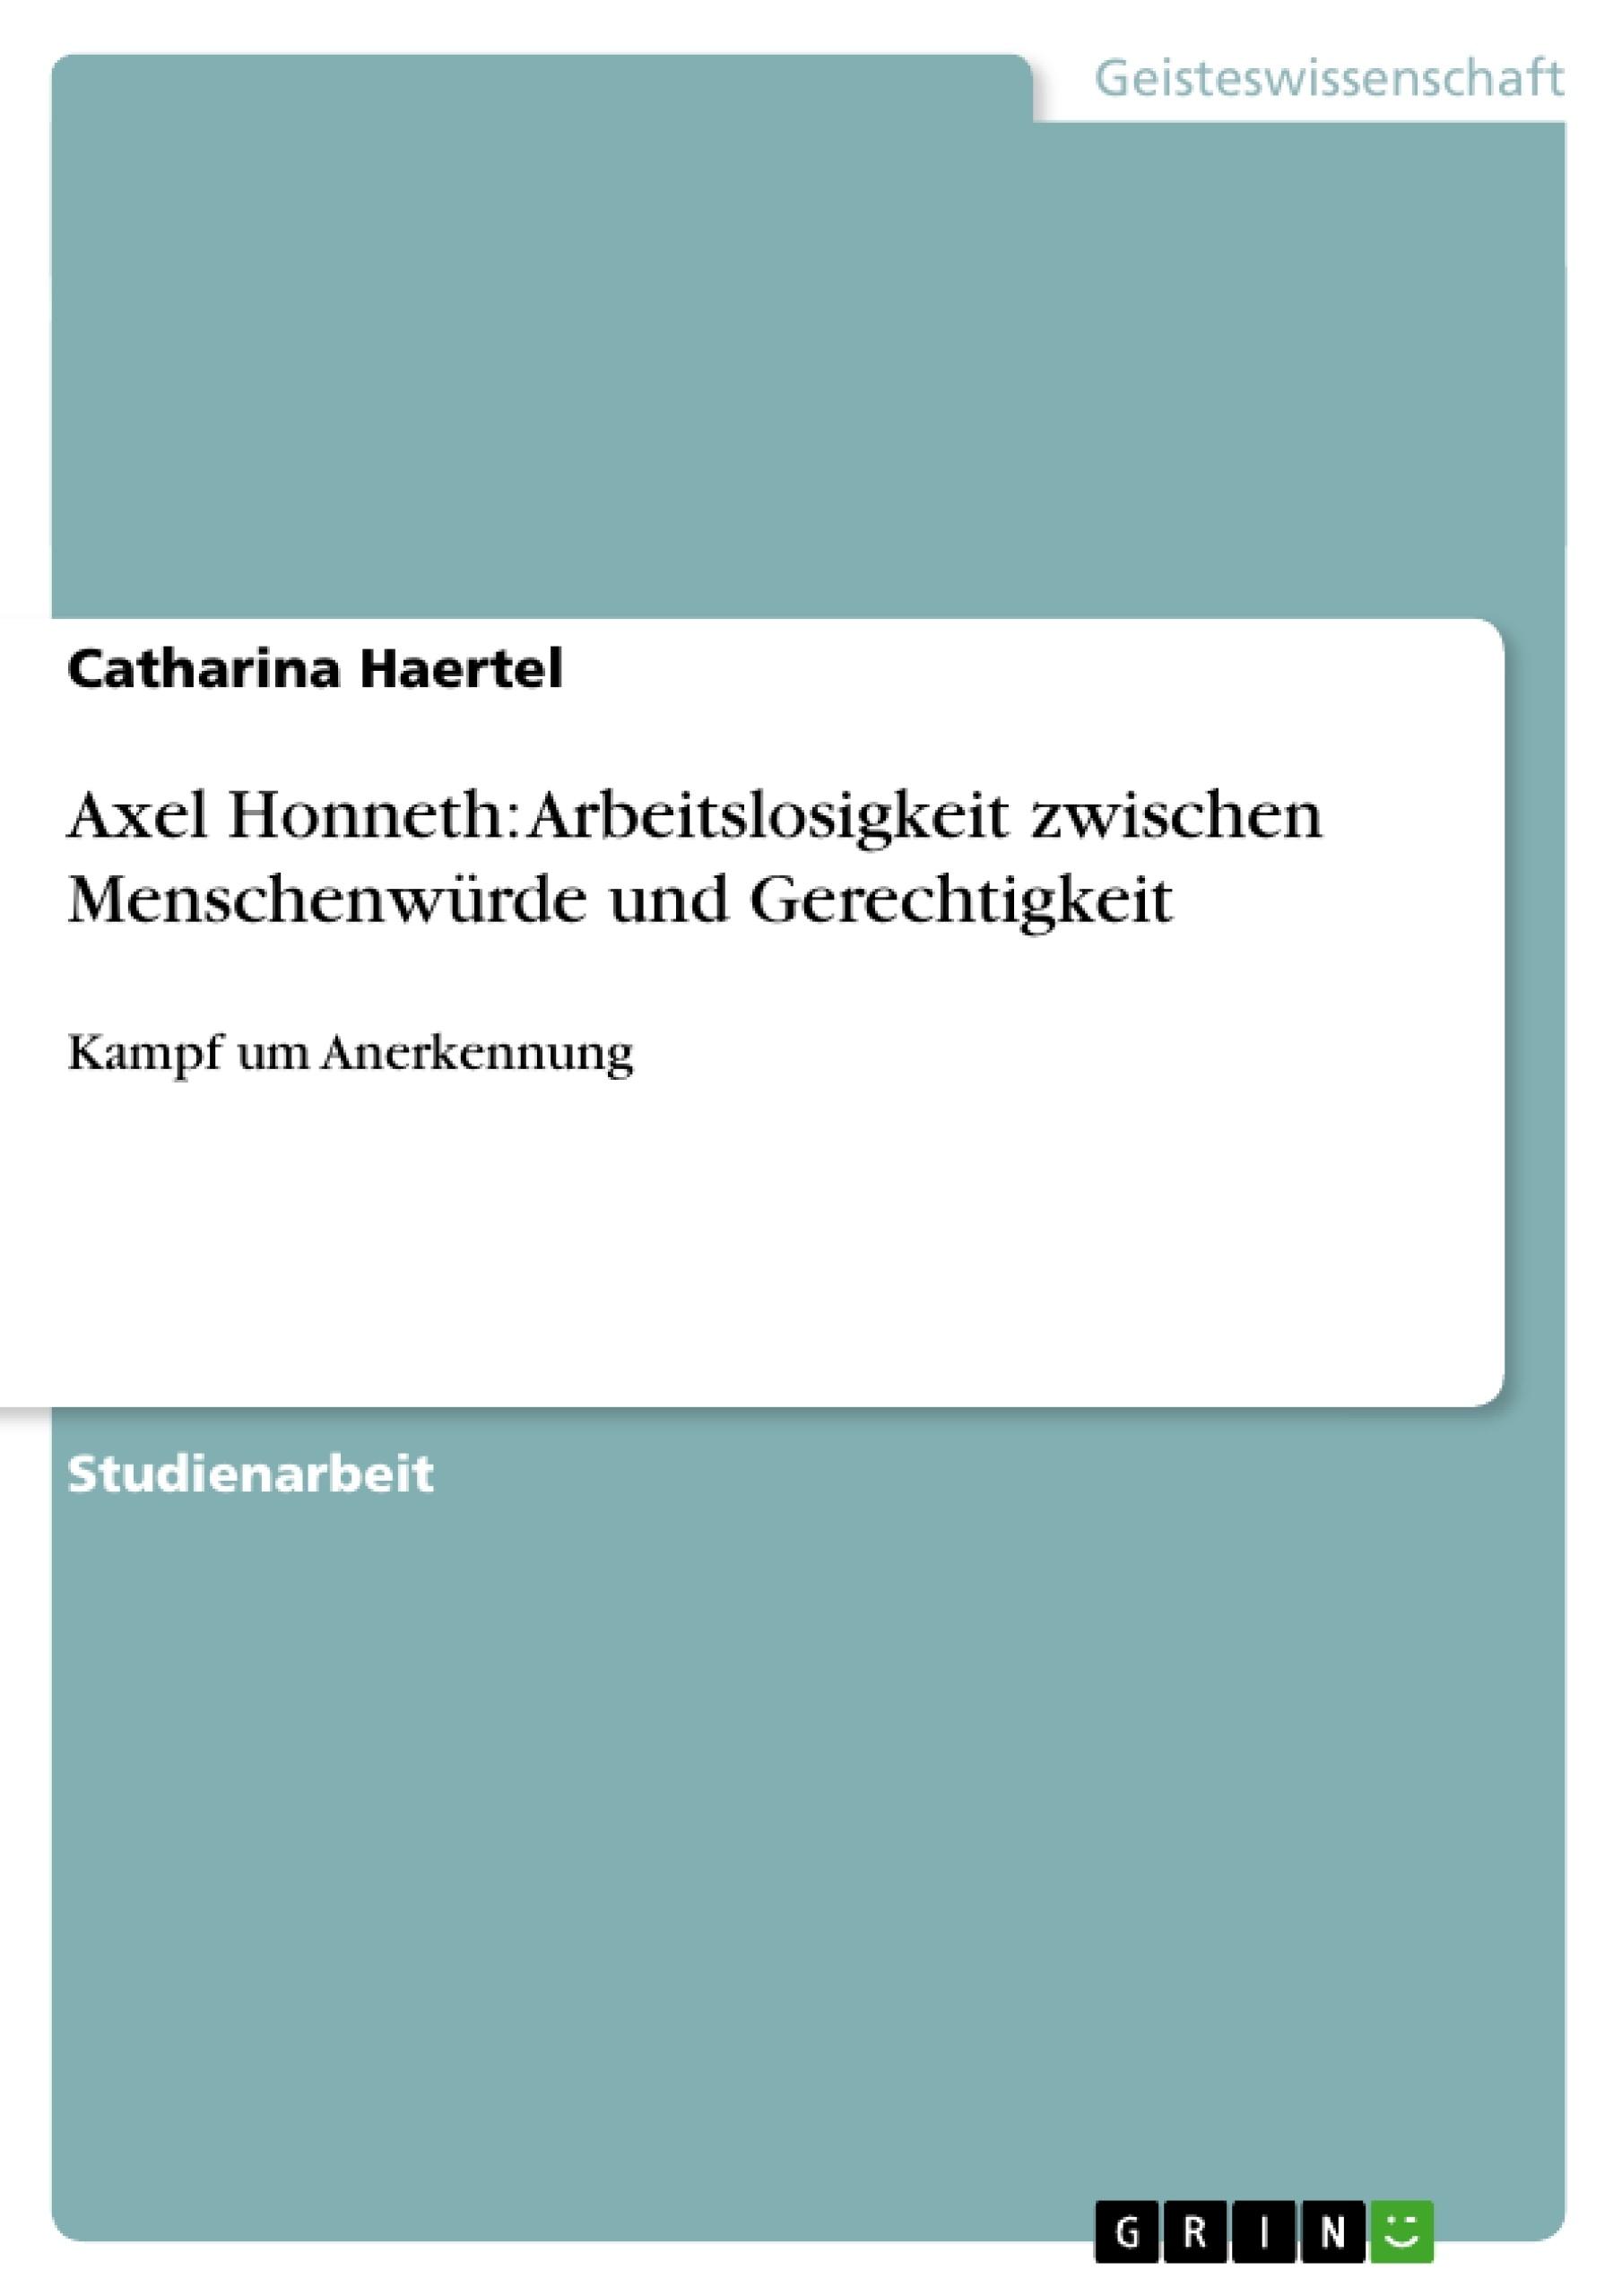 Titel: Axel Honneth: Arbeitslosigkeit zwischen Menschenwürde und Gerechtigkeit